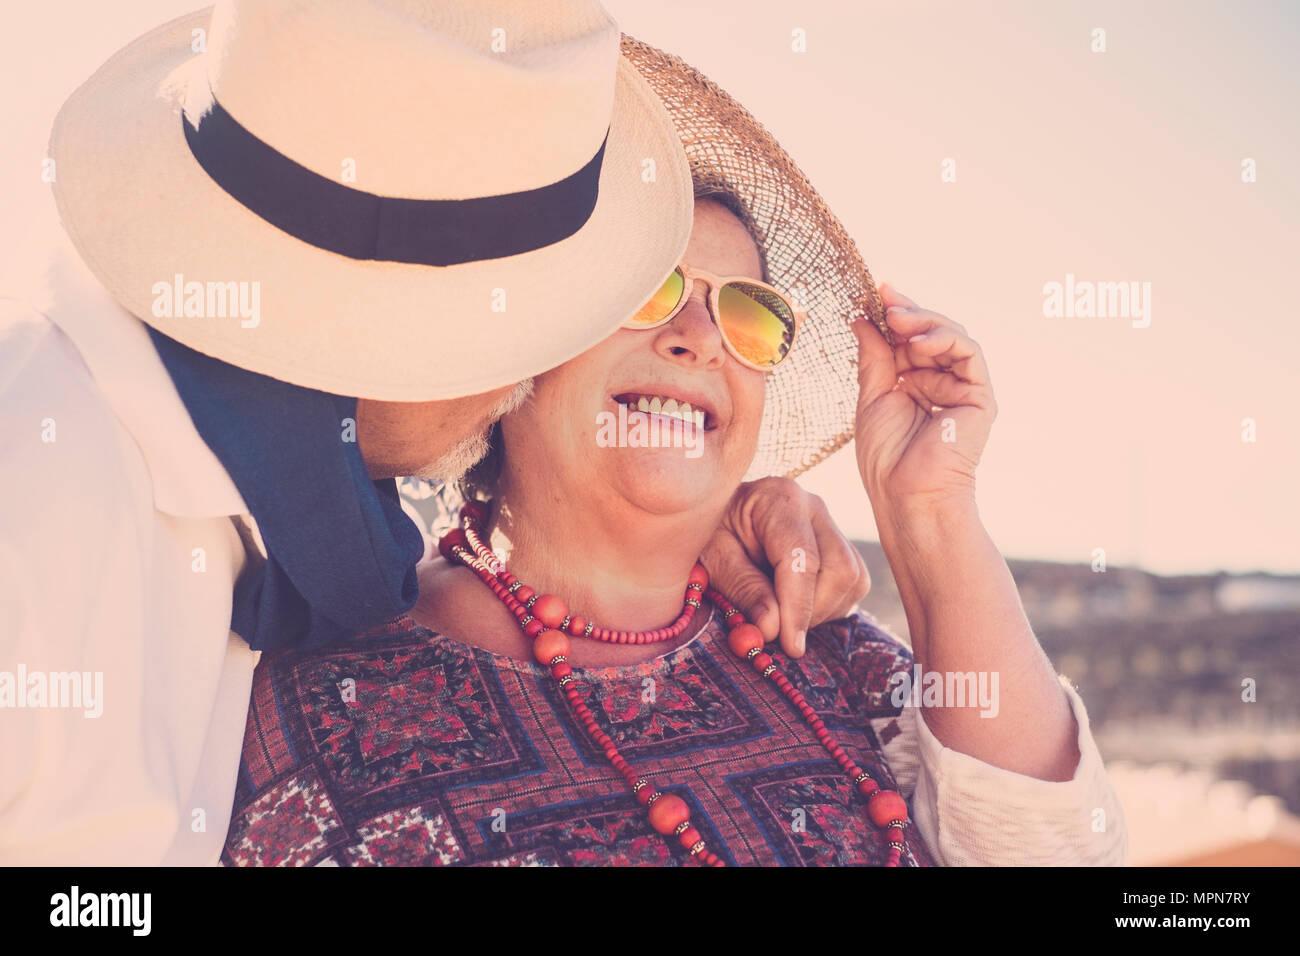 Adultos estancia junto con un beso y abrazo bajo el sol con sombreros y lentes de sol y collar. El verdadero amor eternamente junto concepto Imagen De Stock